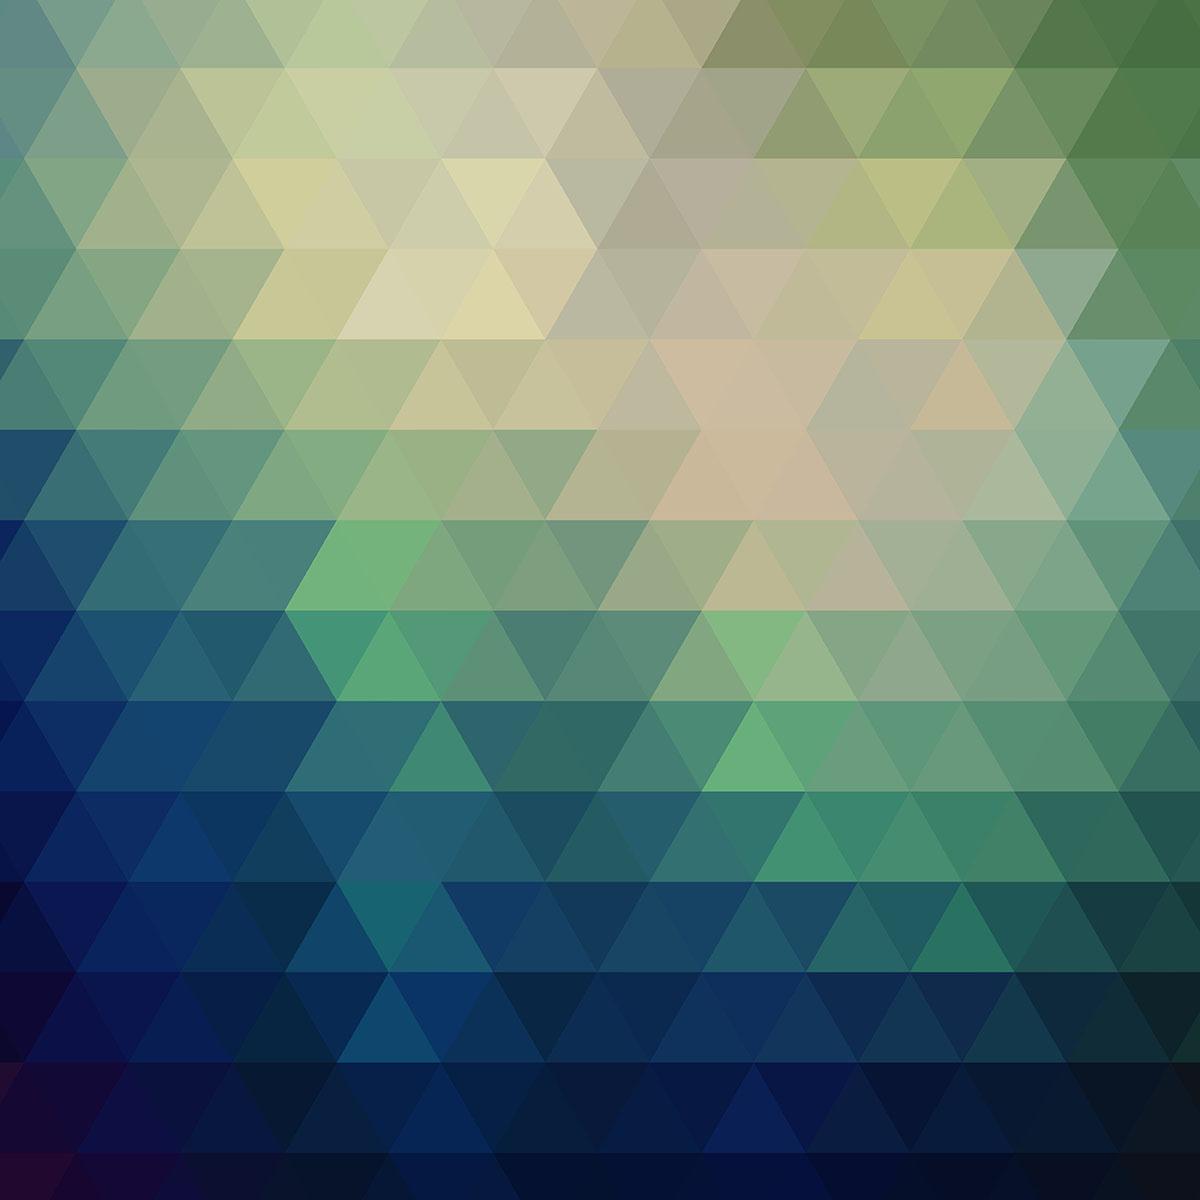 幾何圖案 免費下載 | 天天瘋後製